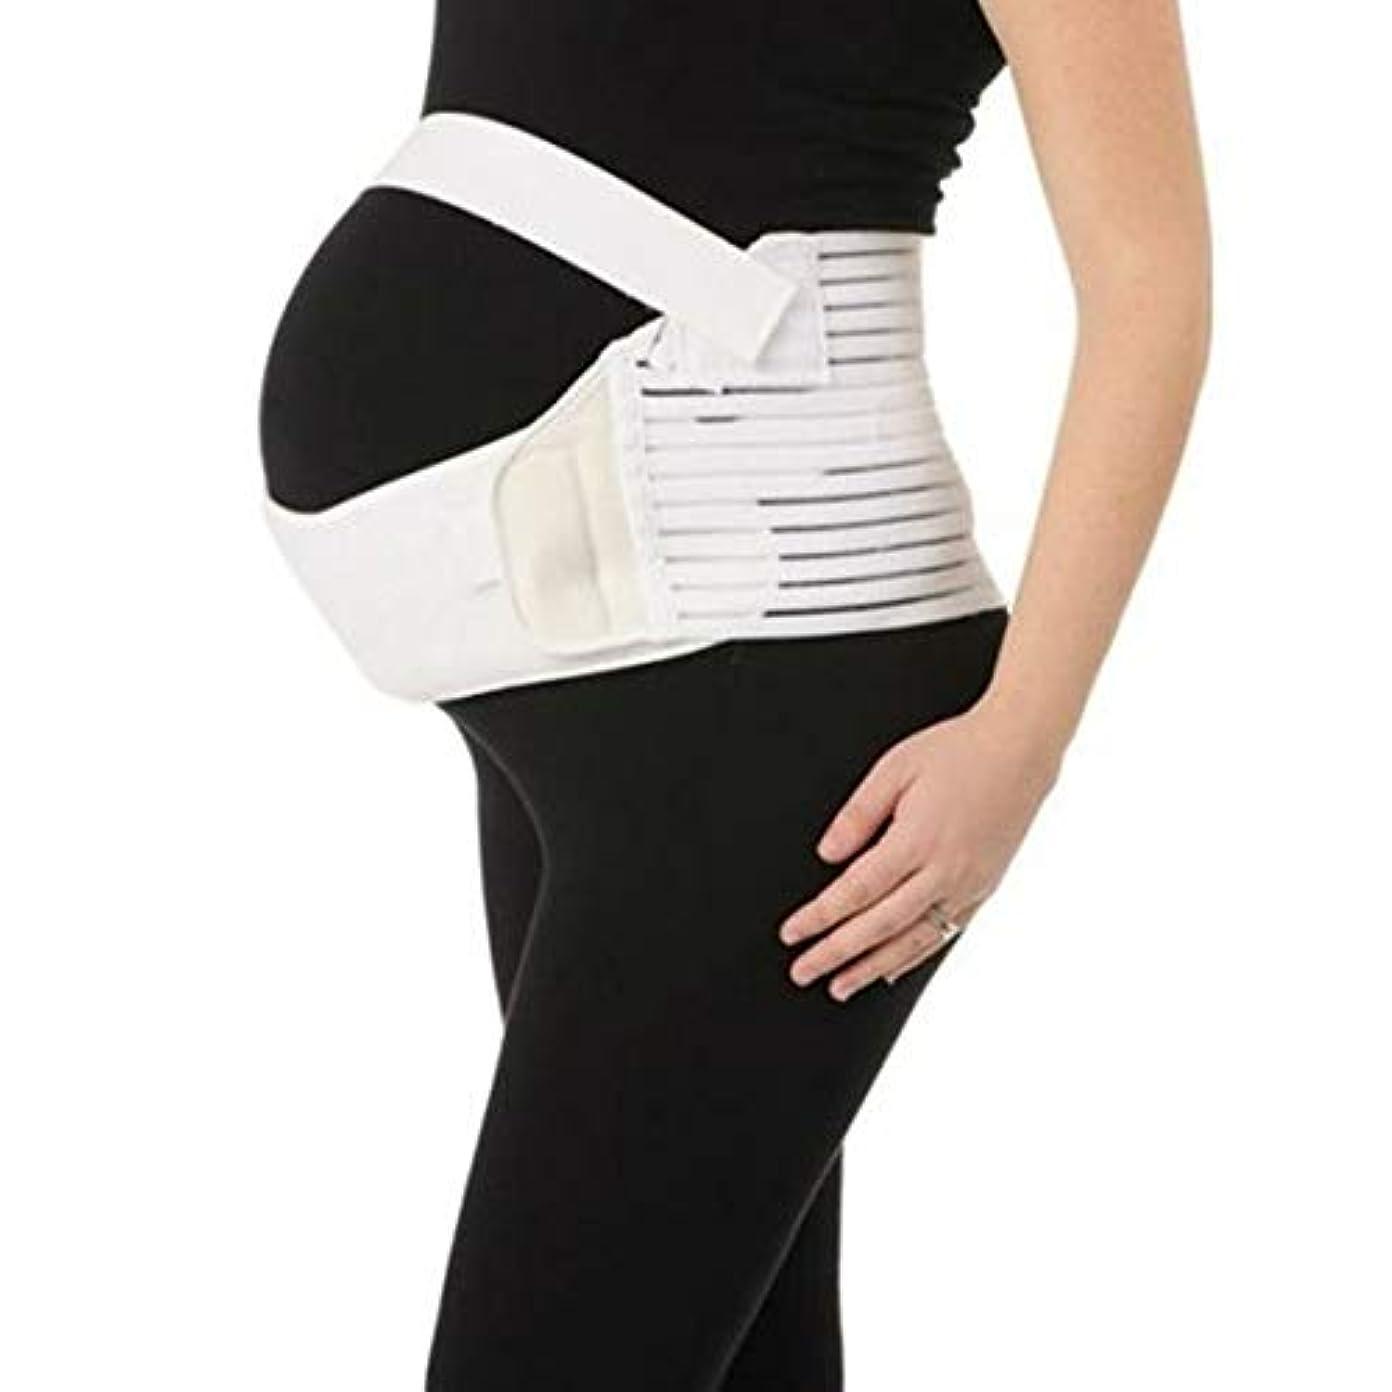 メダルあからさま近代化する通気性マタニティベルト妊娠腹部サポート腹部バインダーガードル運動包帯産後の回復shapewear - ホワイトL